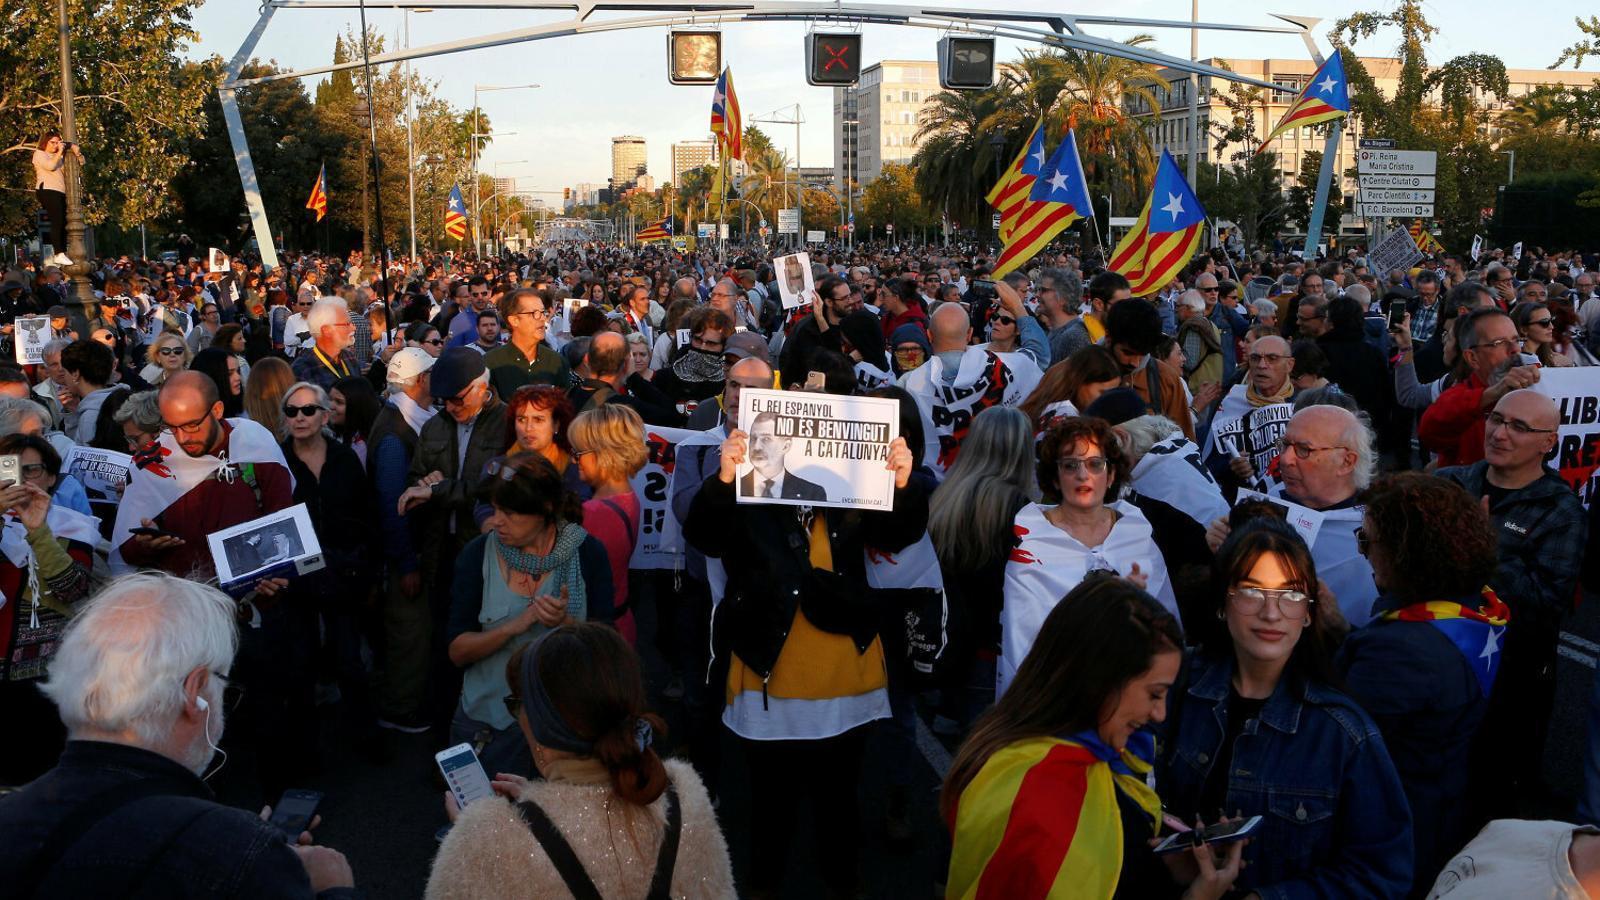 L'independentisme torna a preparar mobilitzacions contra la visita del rei a Catalunya divendres